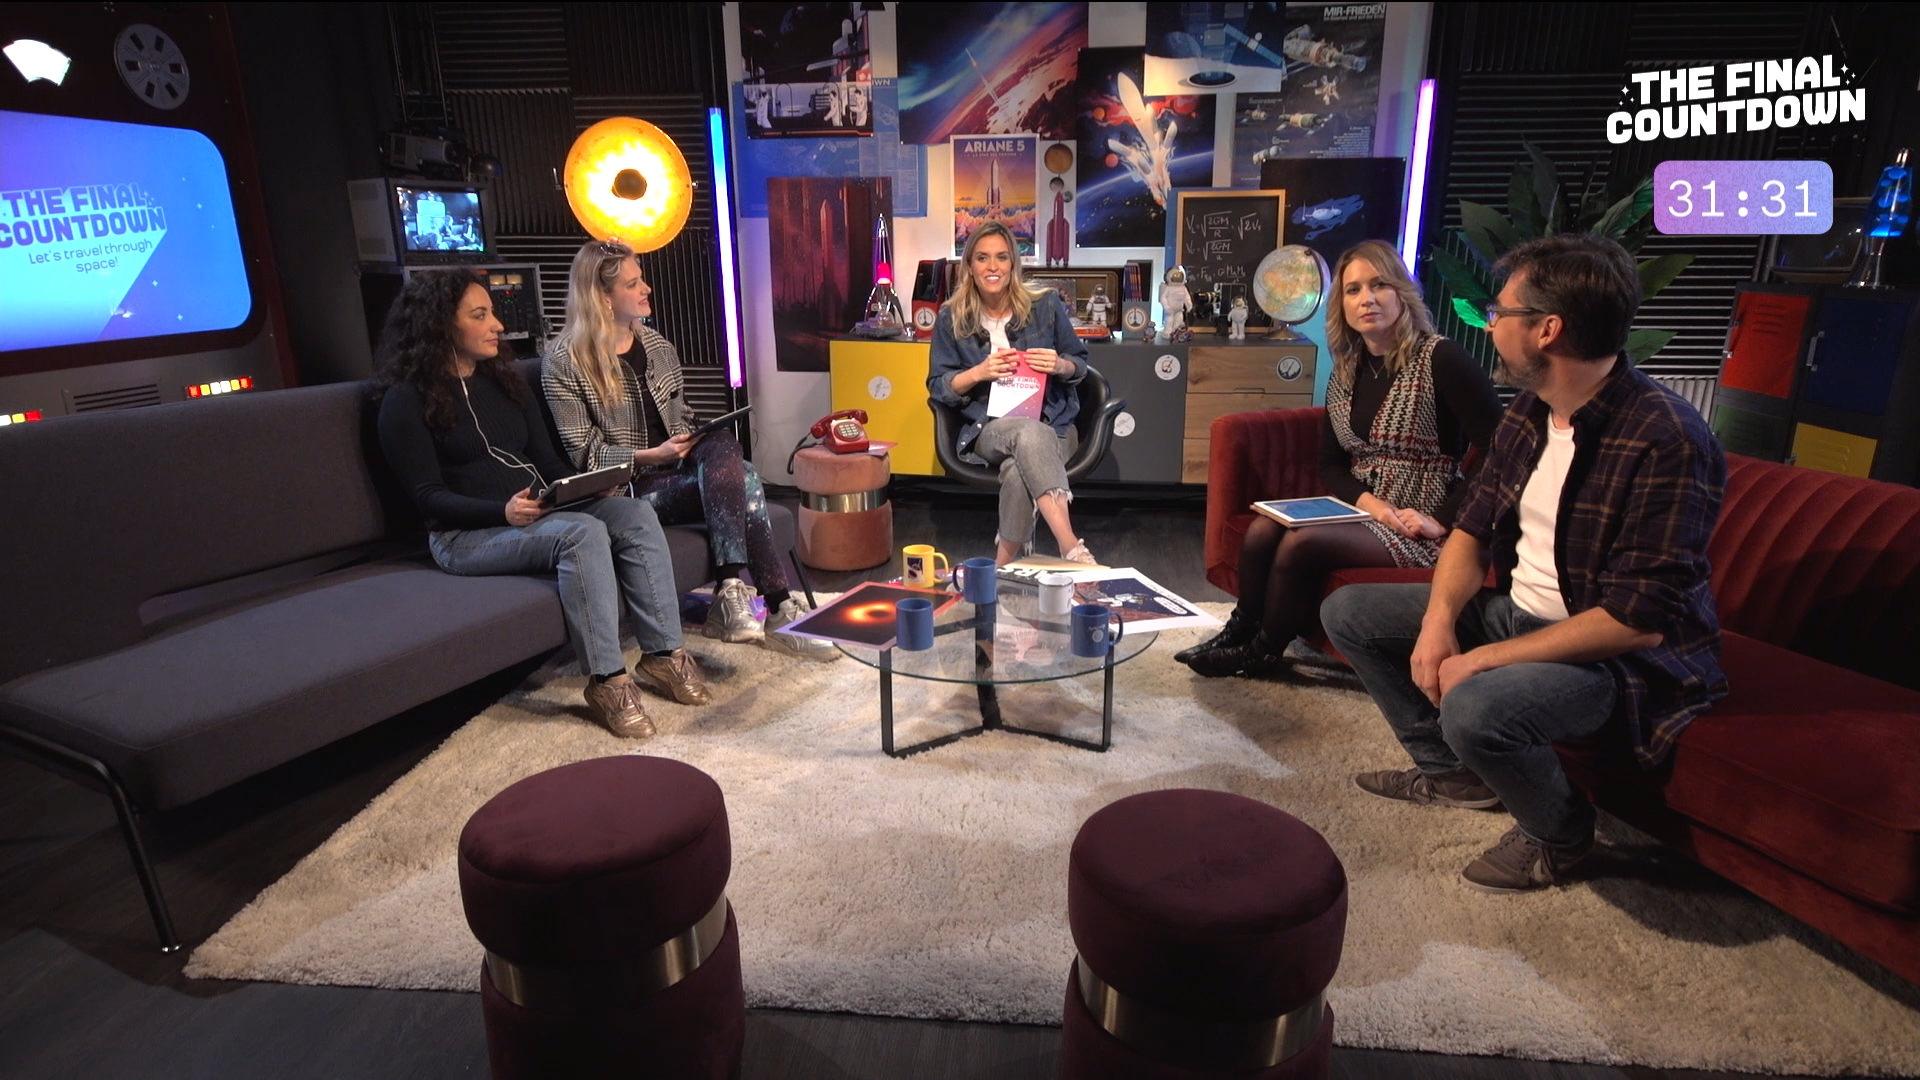 « The Final Countdown », l'émission qui vous fait décoller… avec Ariane 5